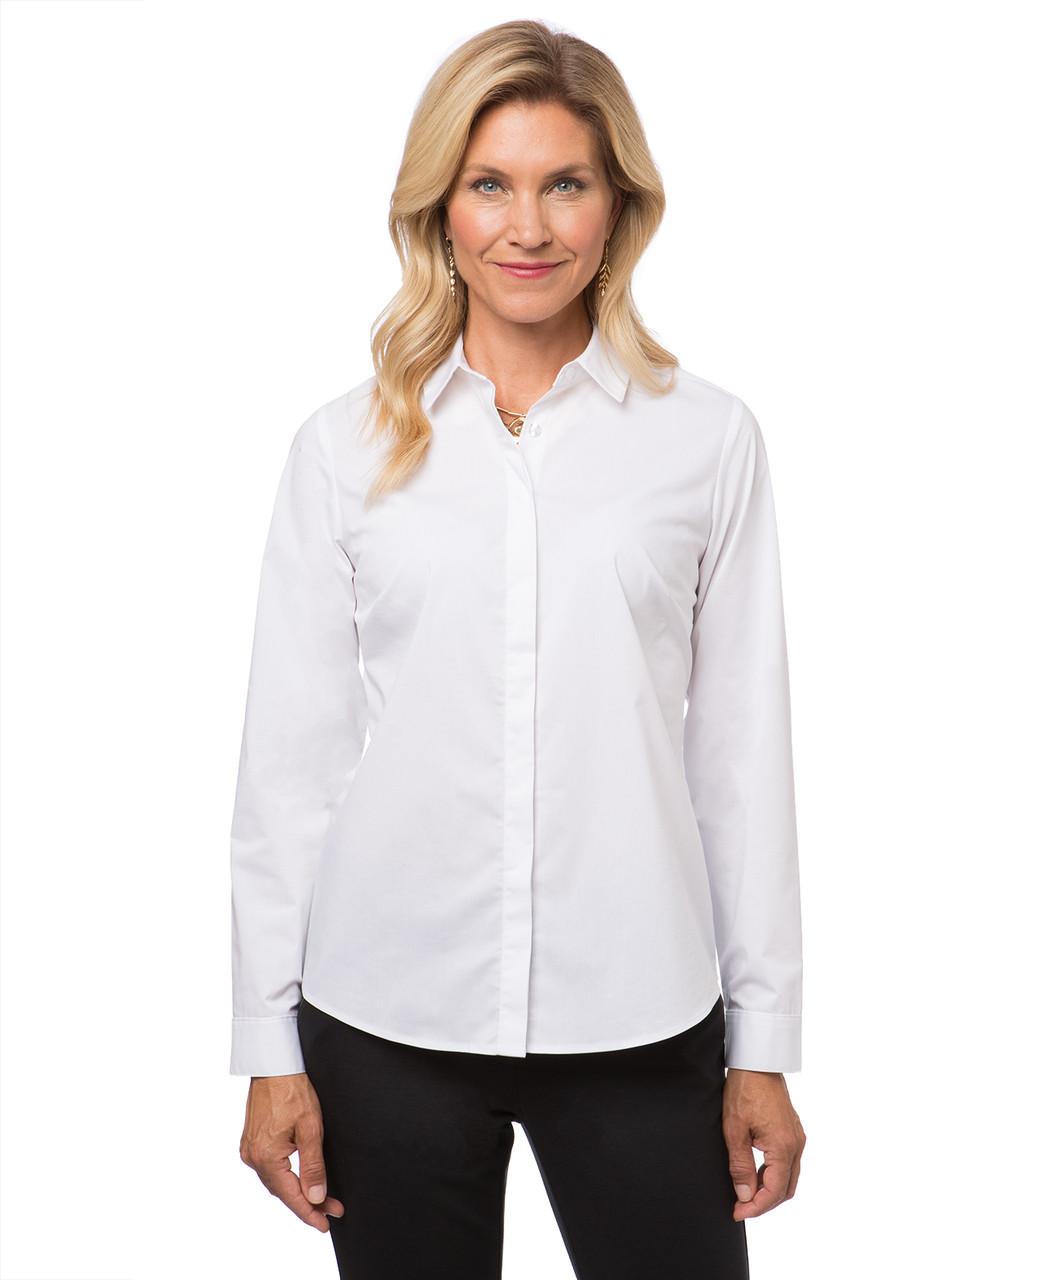 2b142e7fb7d Women s classic white dress shirt